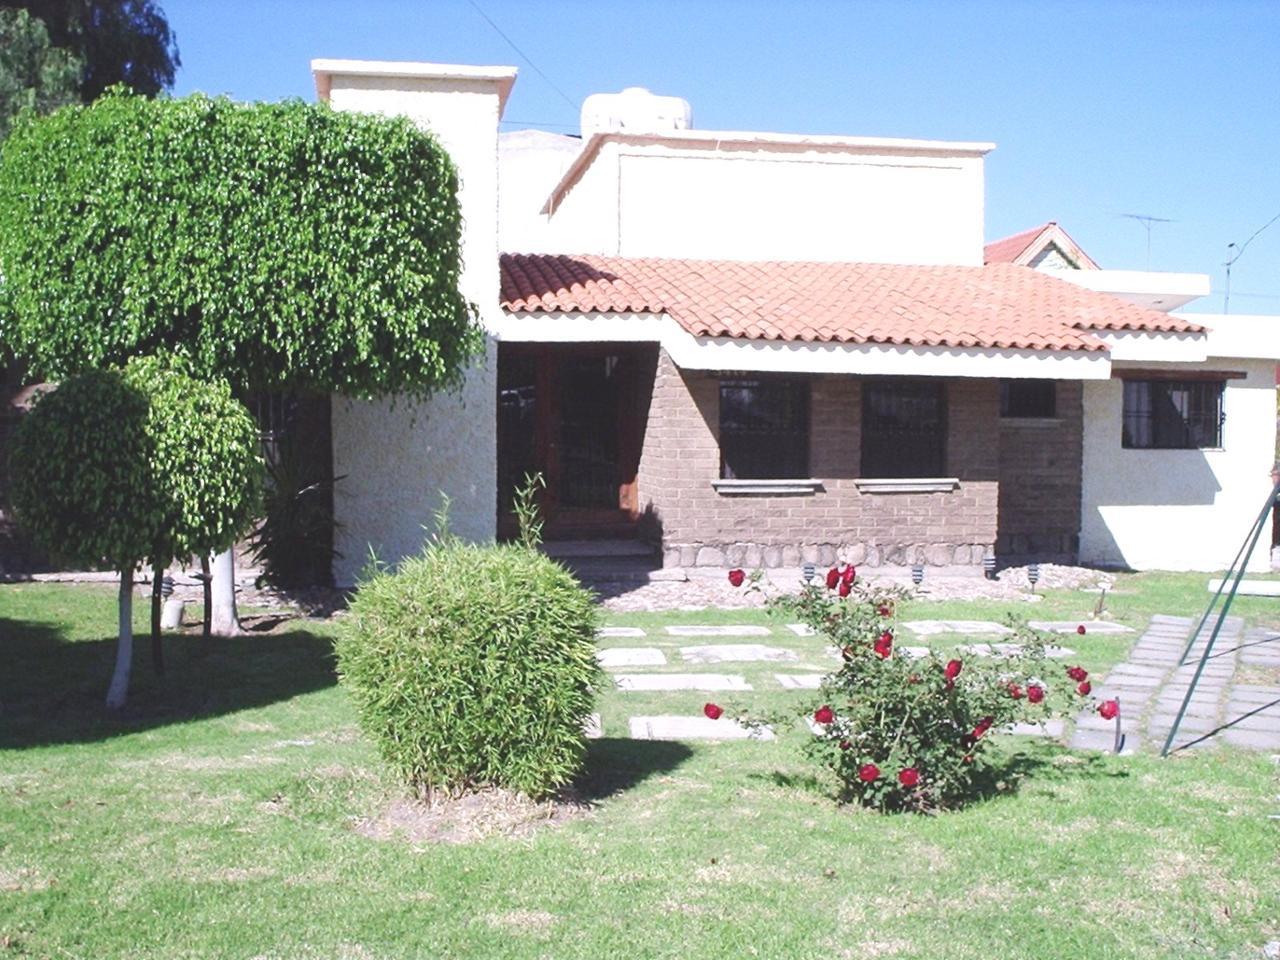 39 casas en venta en villas de irapuato irapuato for Villas irapuato